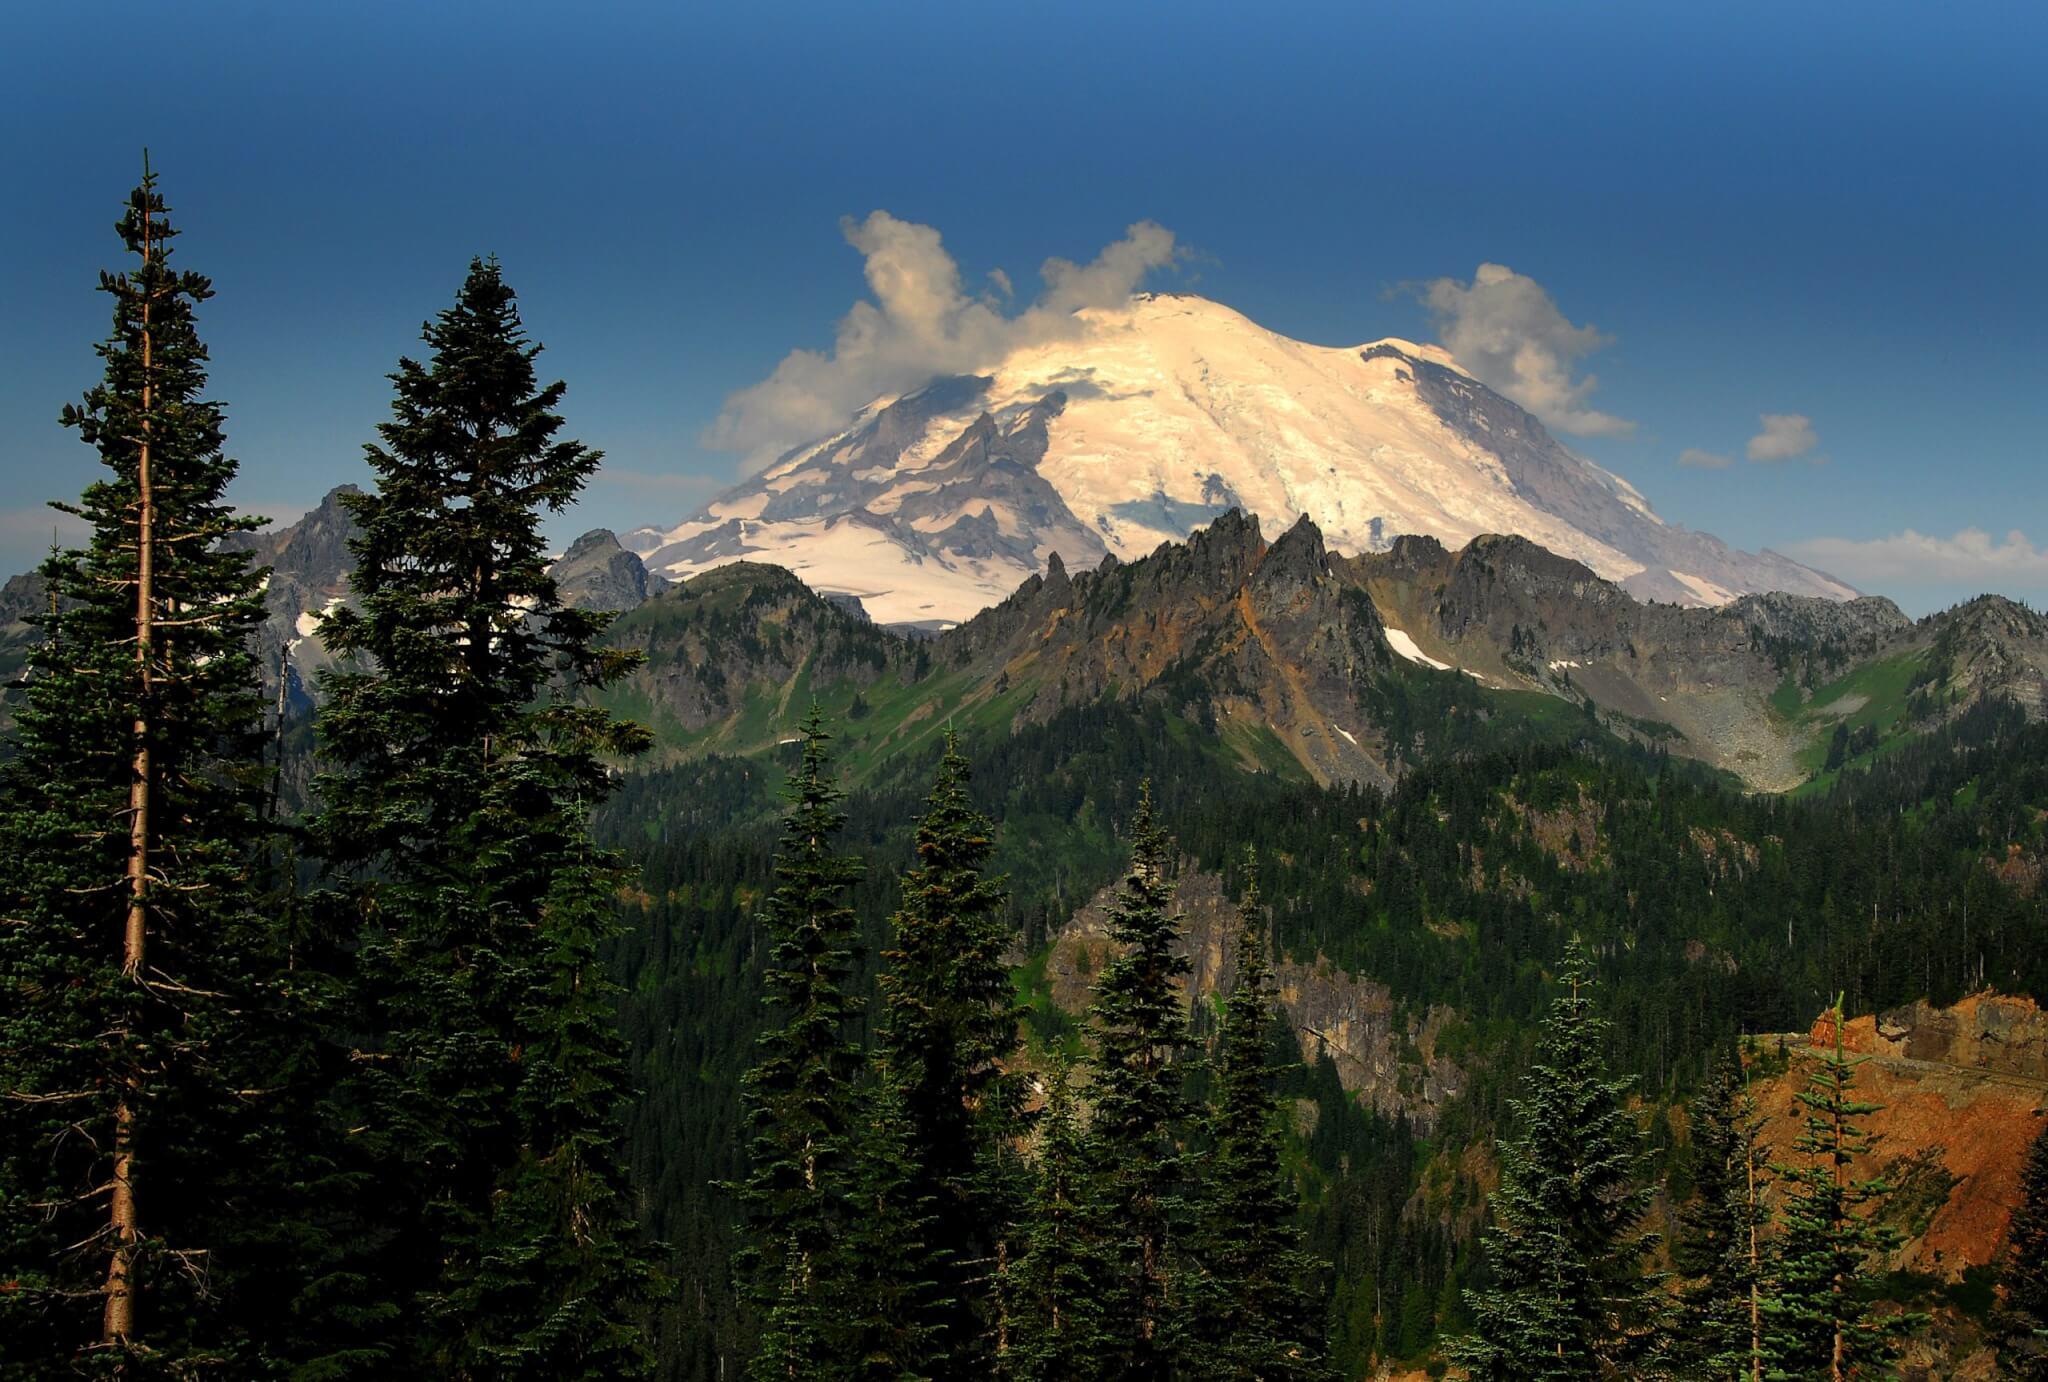 U.S. National Park Status COVID-19_Glacier National Park_MT RAINER NP